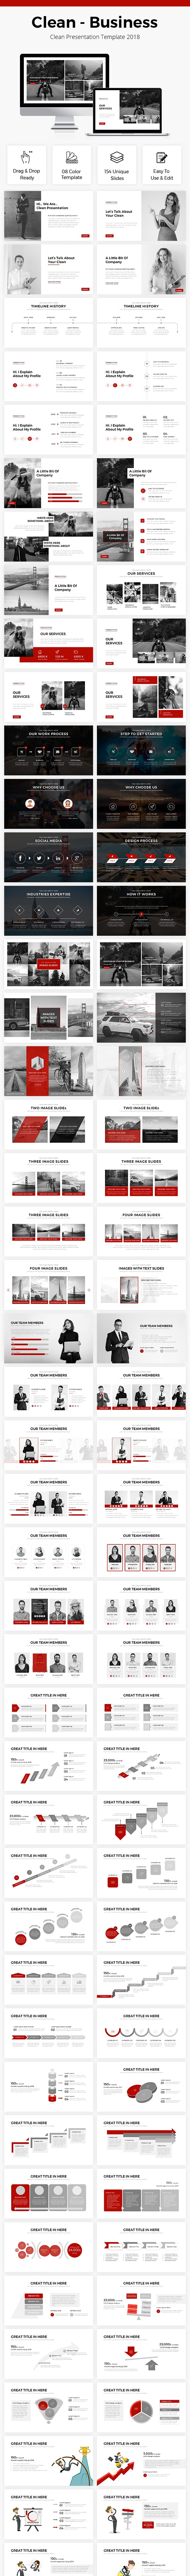 Business Google Slides Template 2018 - Google Slides Presentation Templates